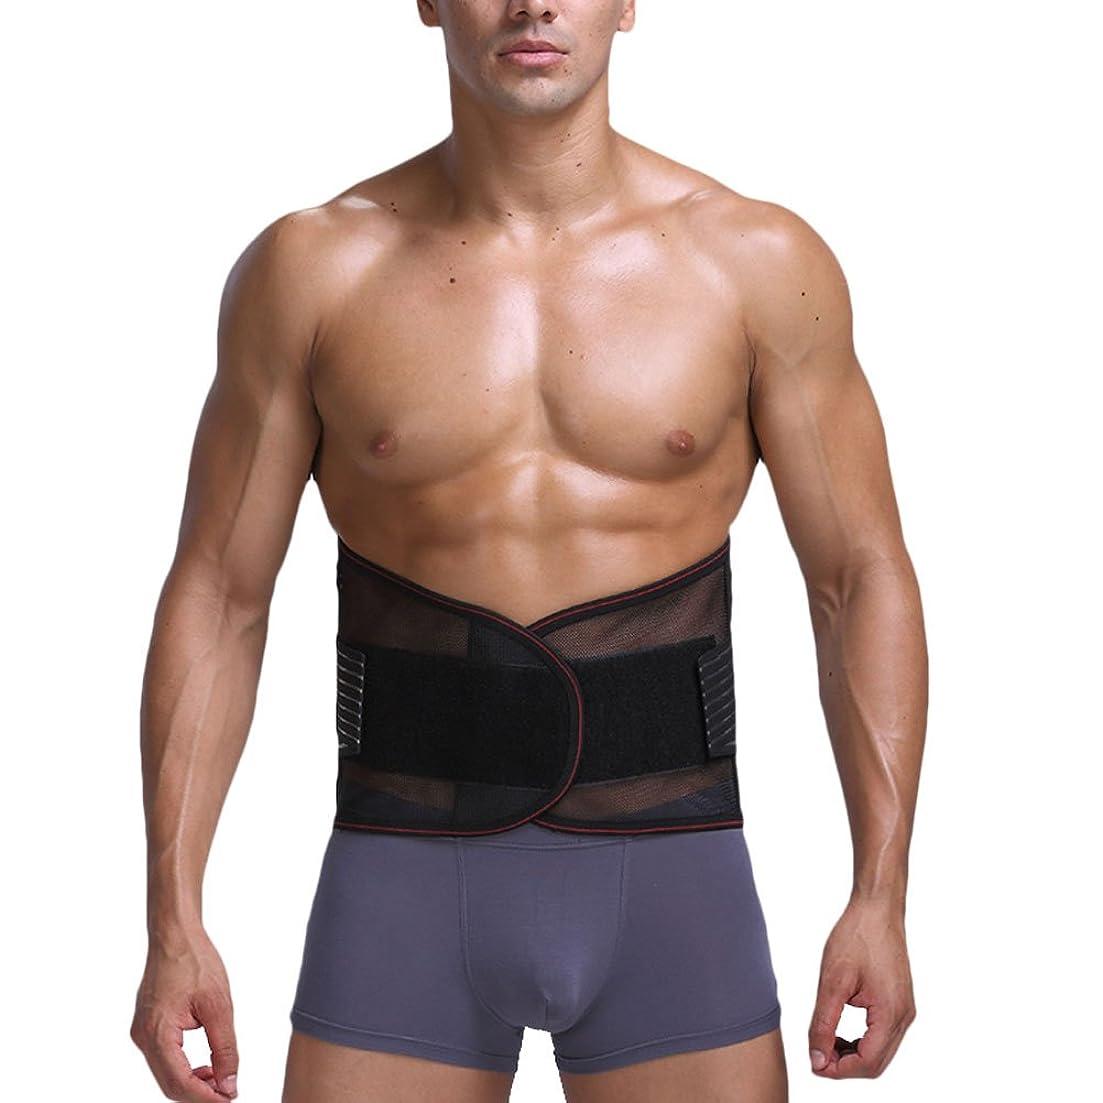 更新するモロニック地上でZhuhaitf 調整可能なウエストトリマーベルト 男性 女性 兼用 腰用サポーター トレーニング用 腹 ダイエット お腹引き締め ベルト 腰痛 腰 サポーター 通気 加圧